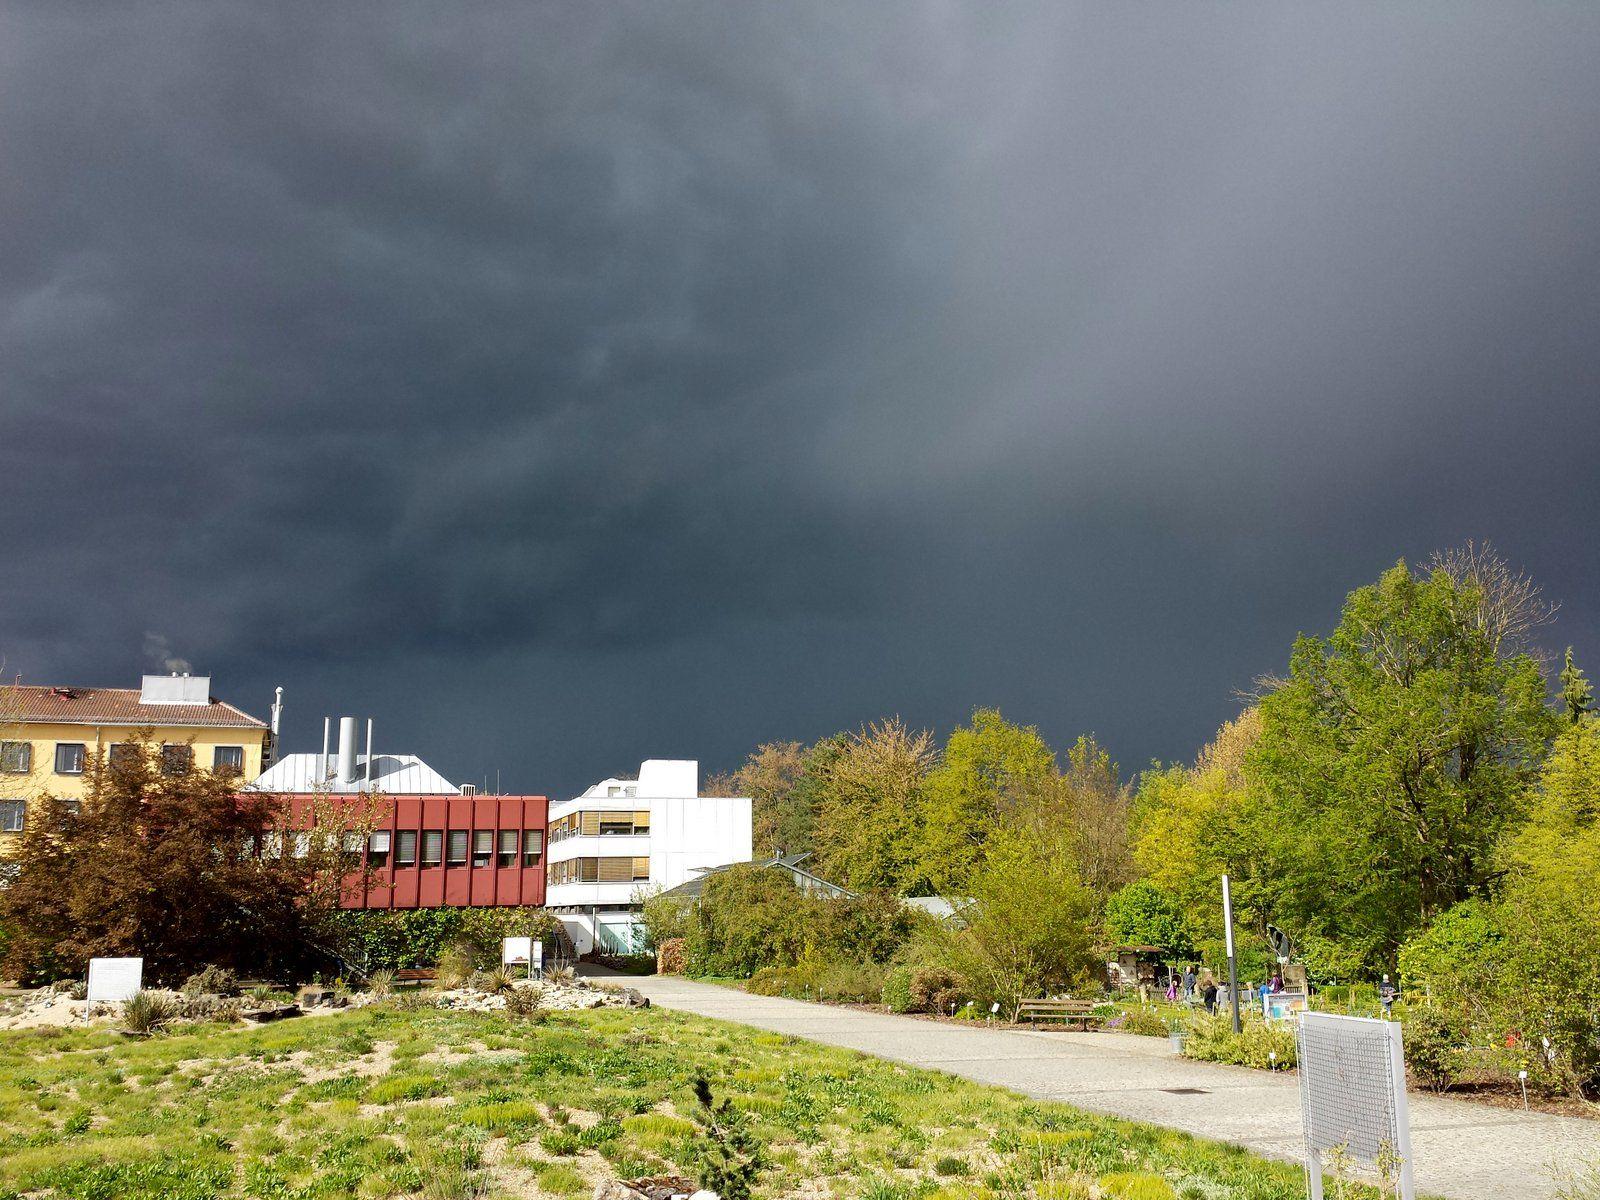 Luxury Unter Dunklen Wolken Botanischer Garten in W rzburg